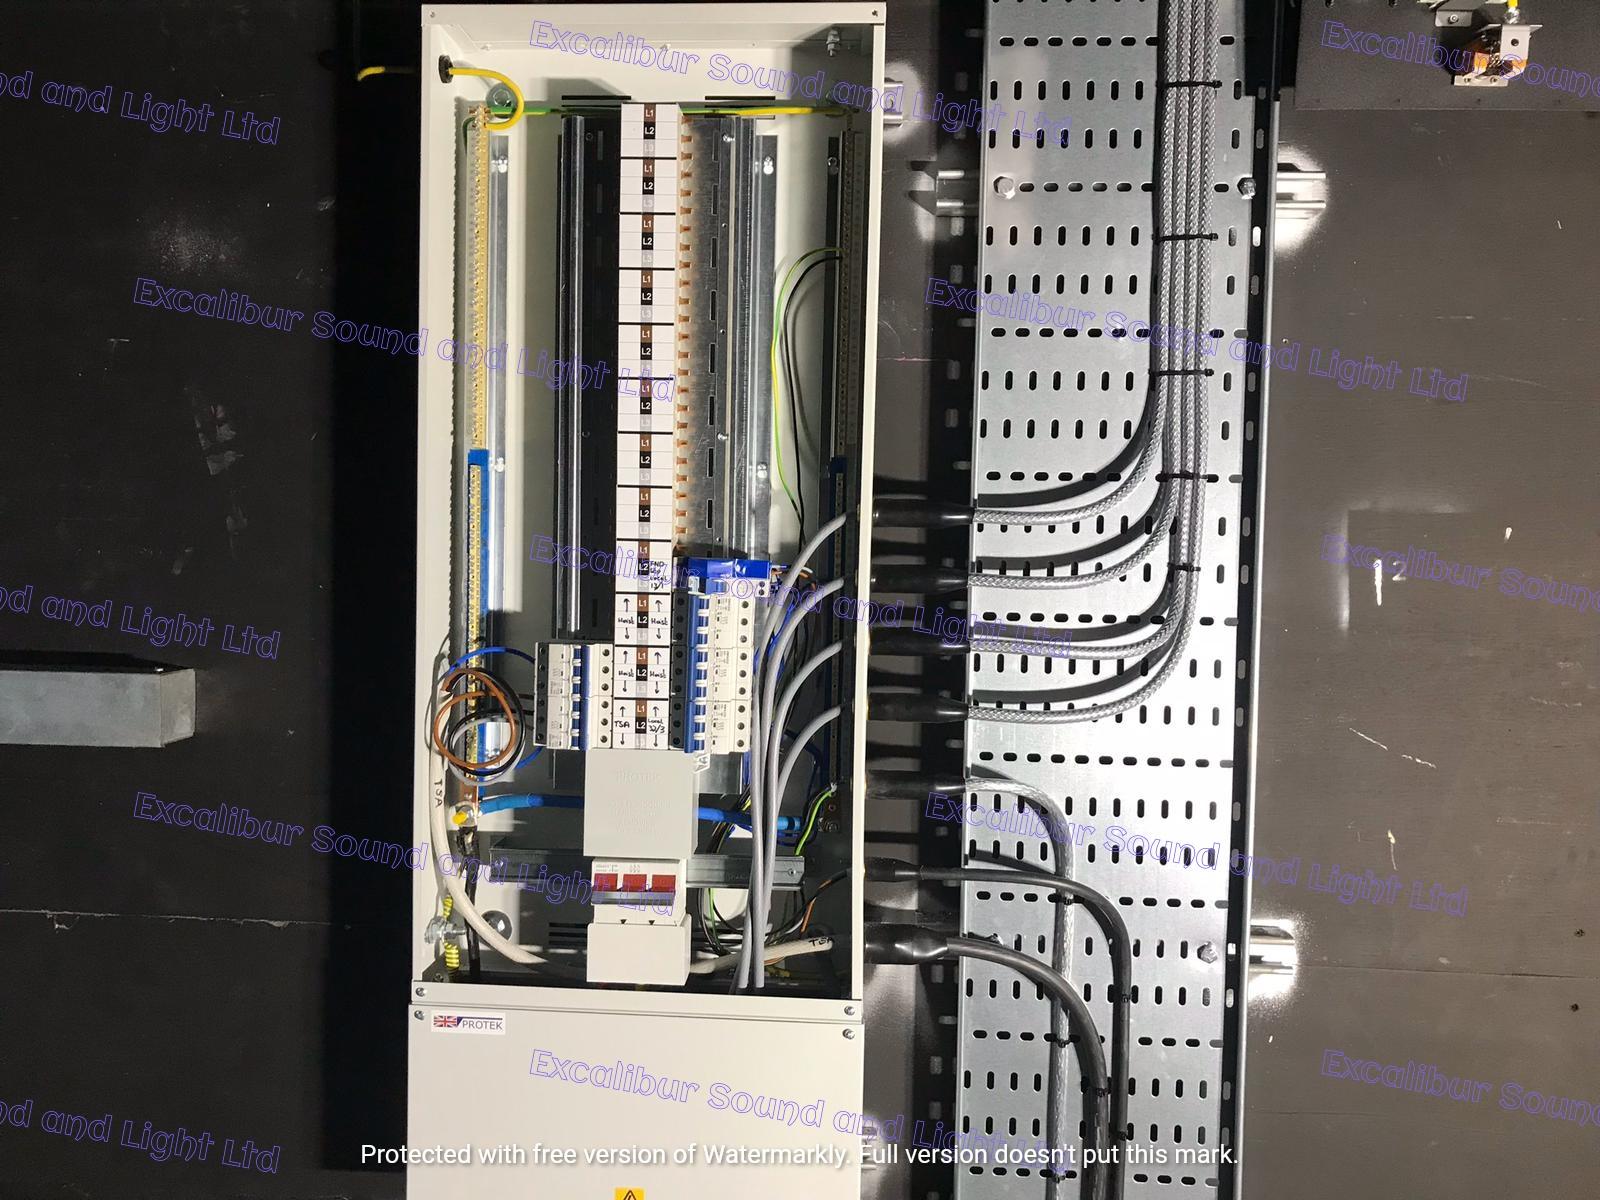 IMG-20200429-WA0010.jpg